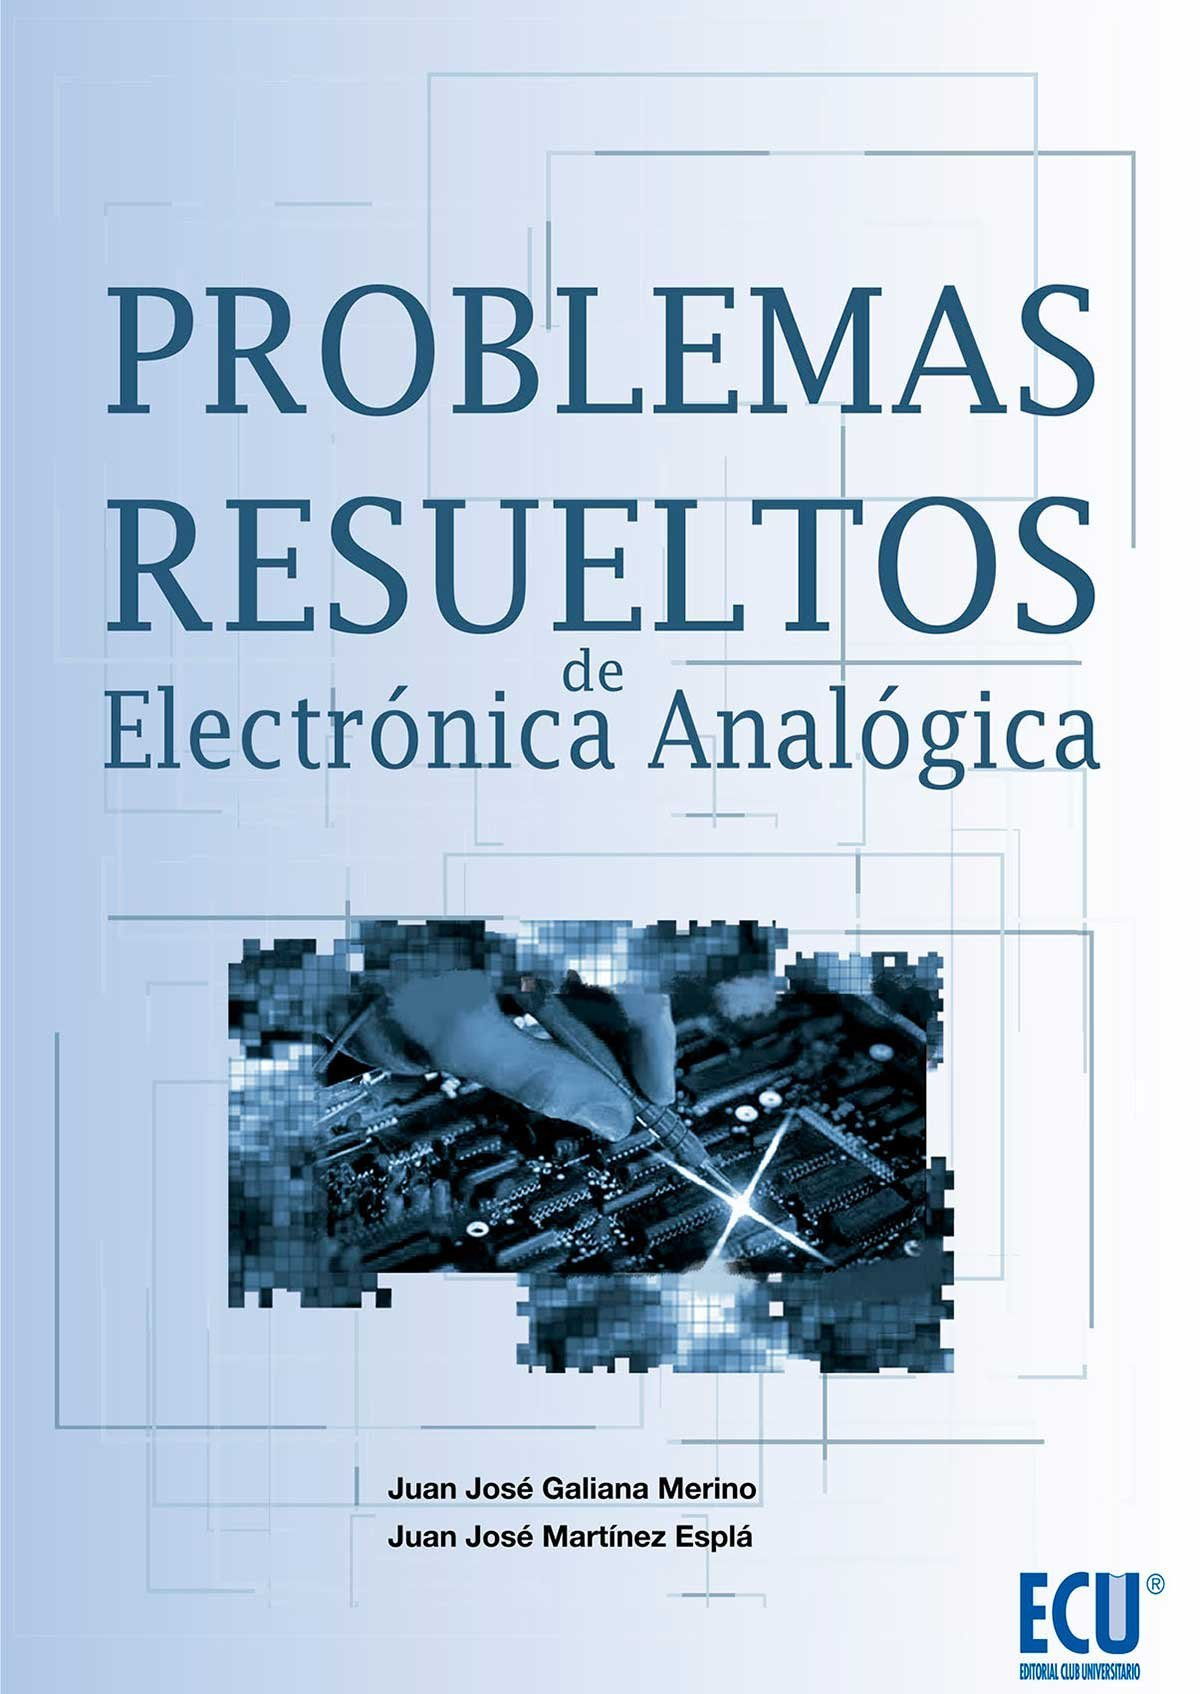 Problemas resueltos de Electrónica Analógica: Amazon.es: Juan José Galiana Merino, Juan José Martínez Esplá: Libros